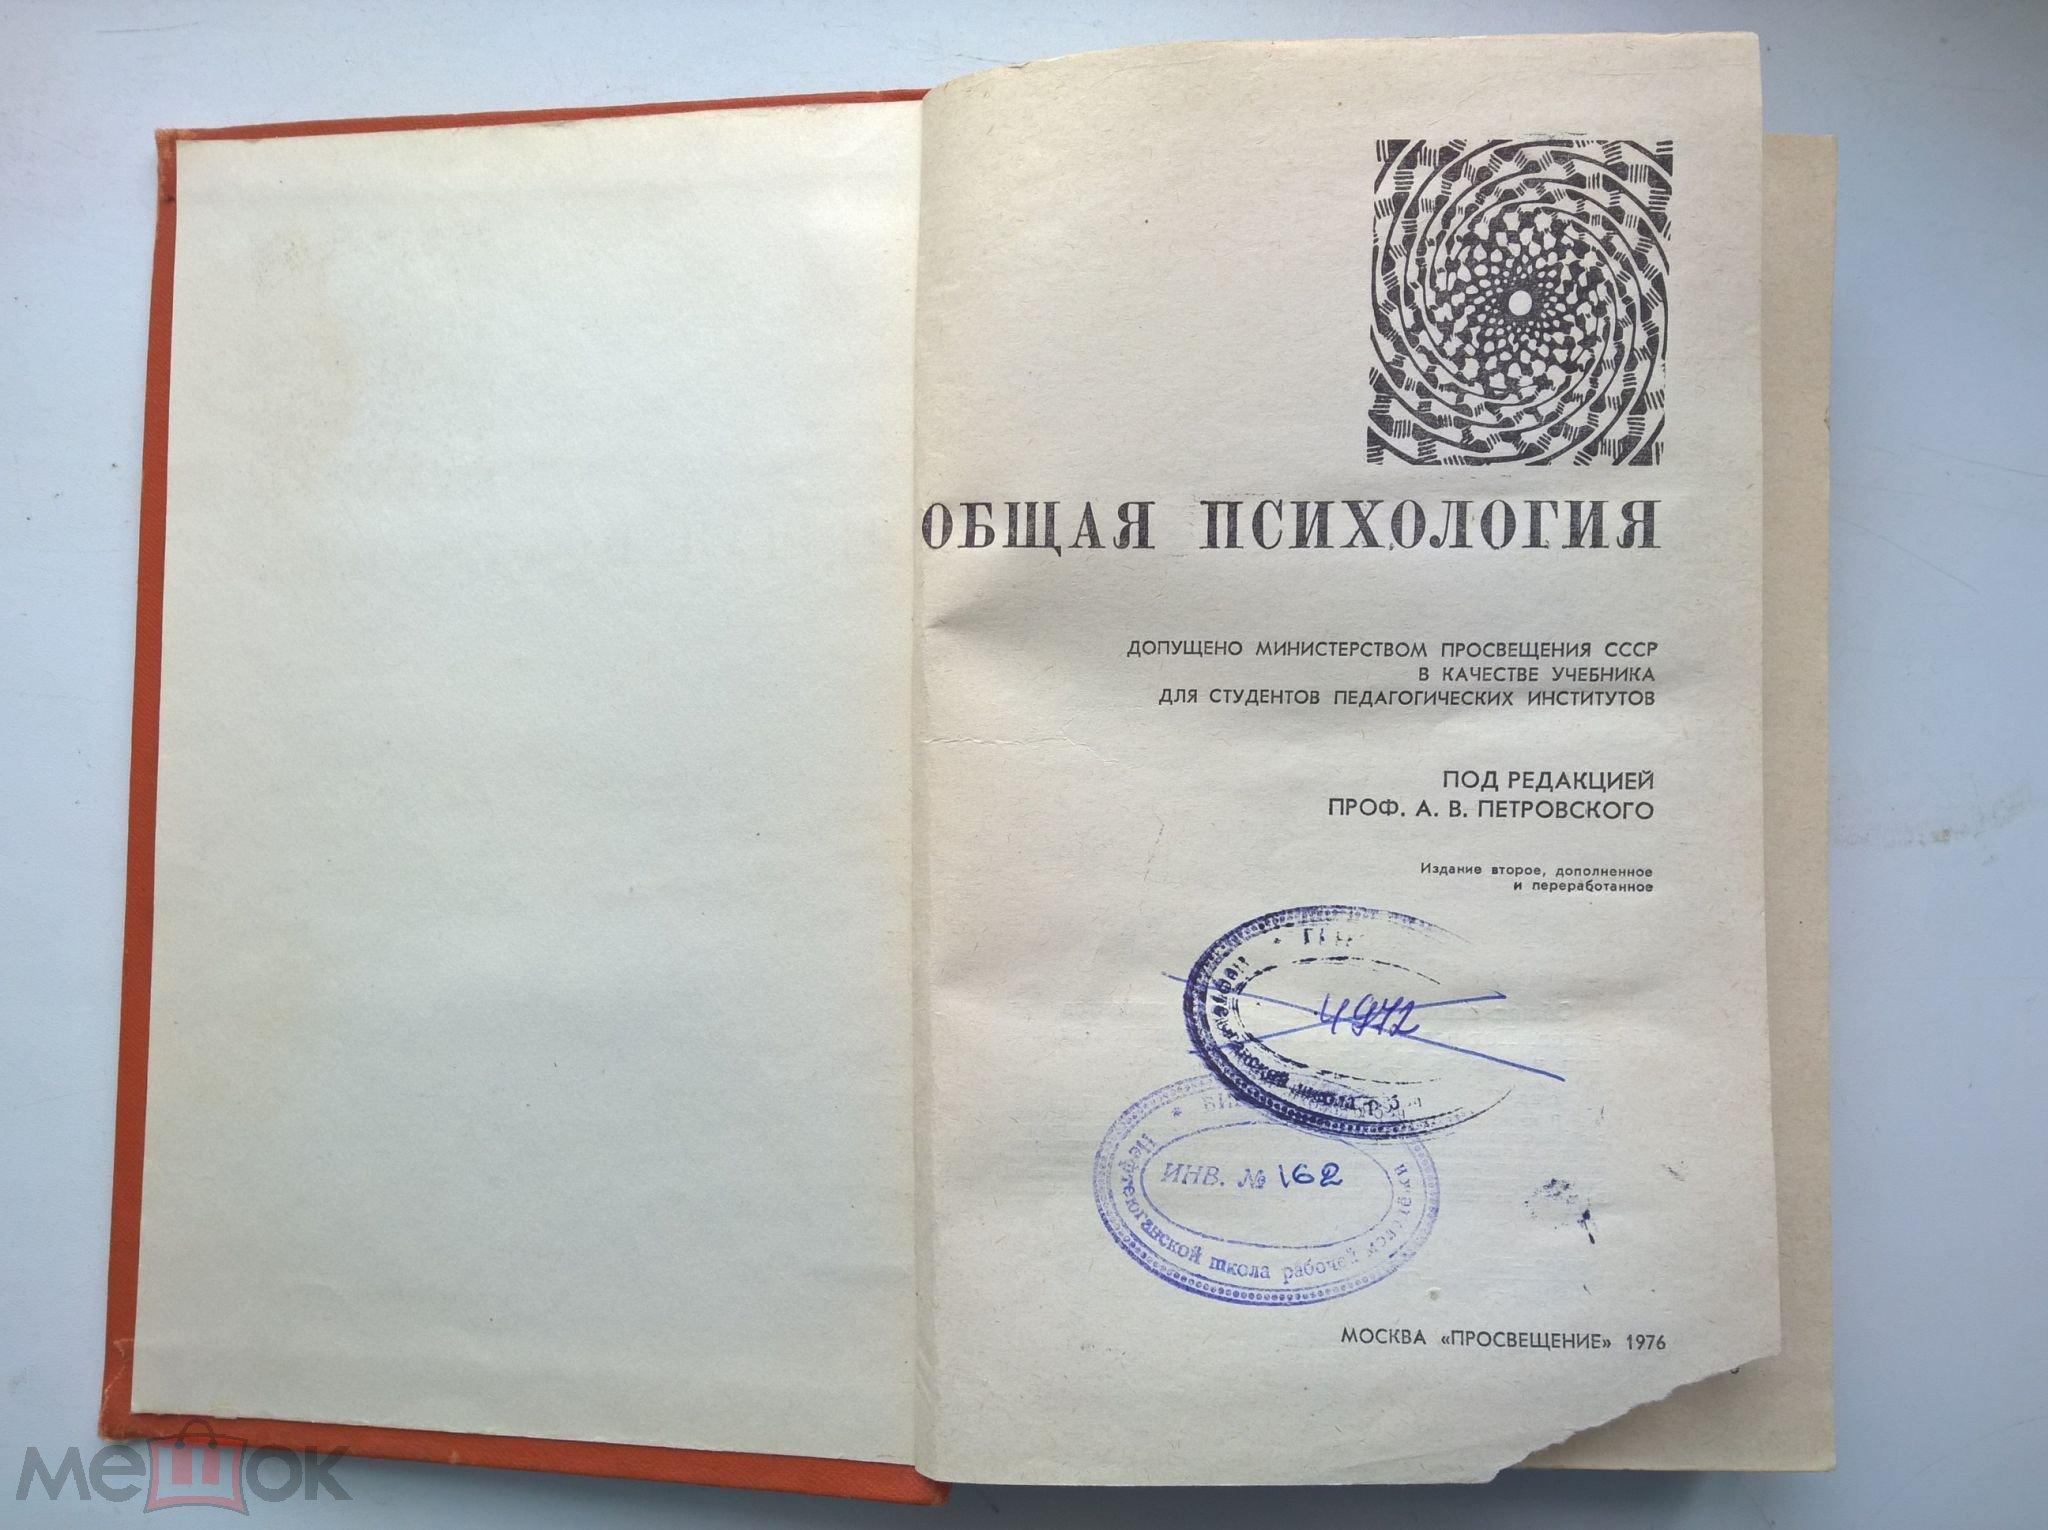 Учебник общая психология петровский dedalbuilding.